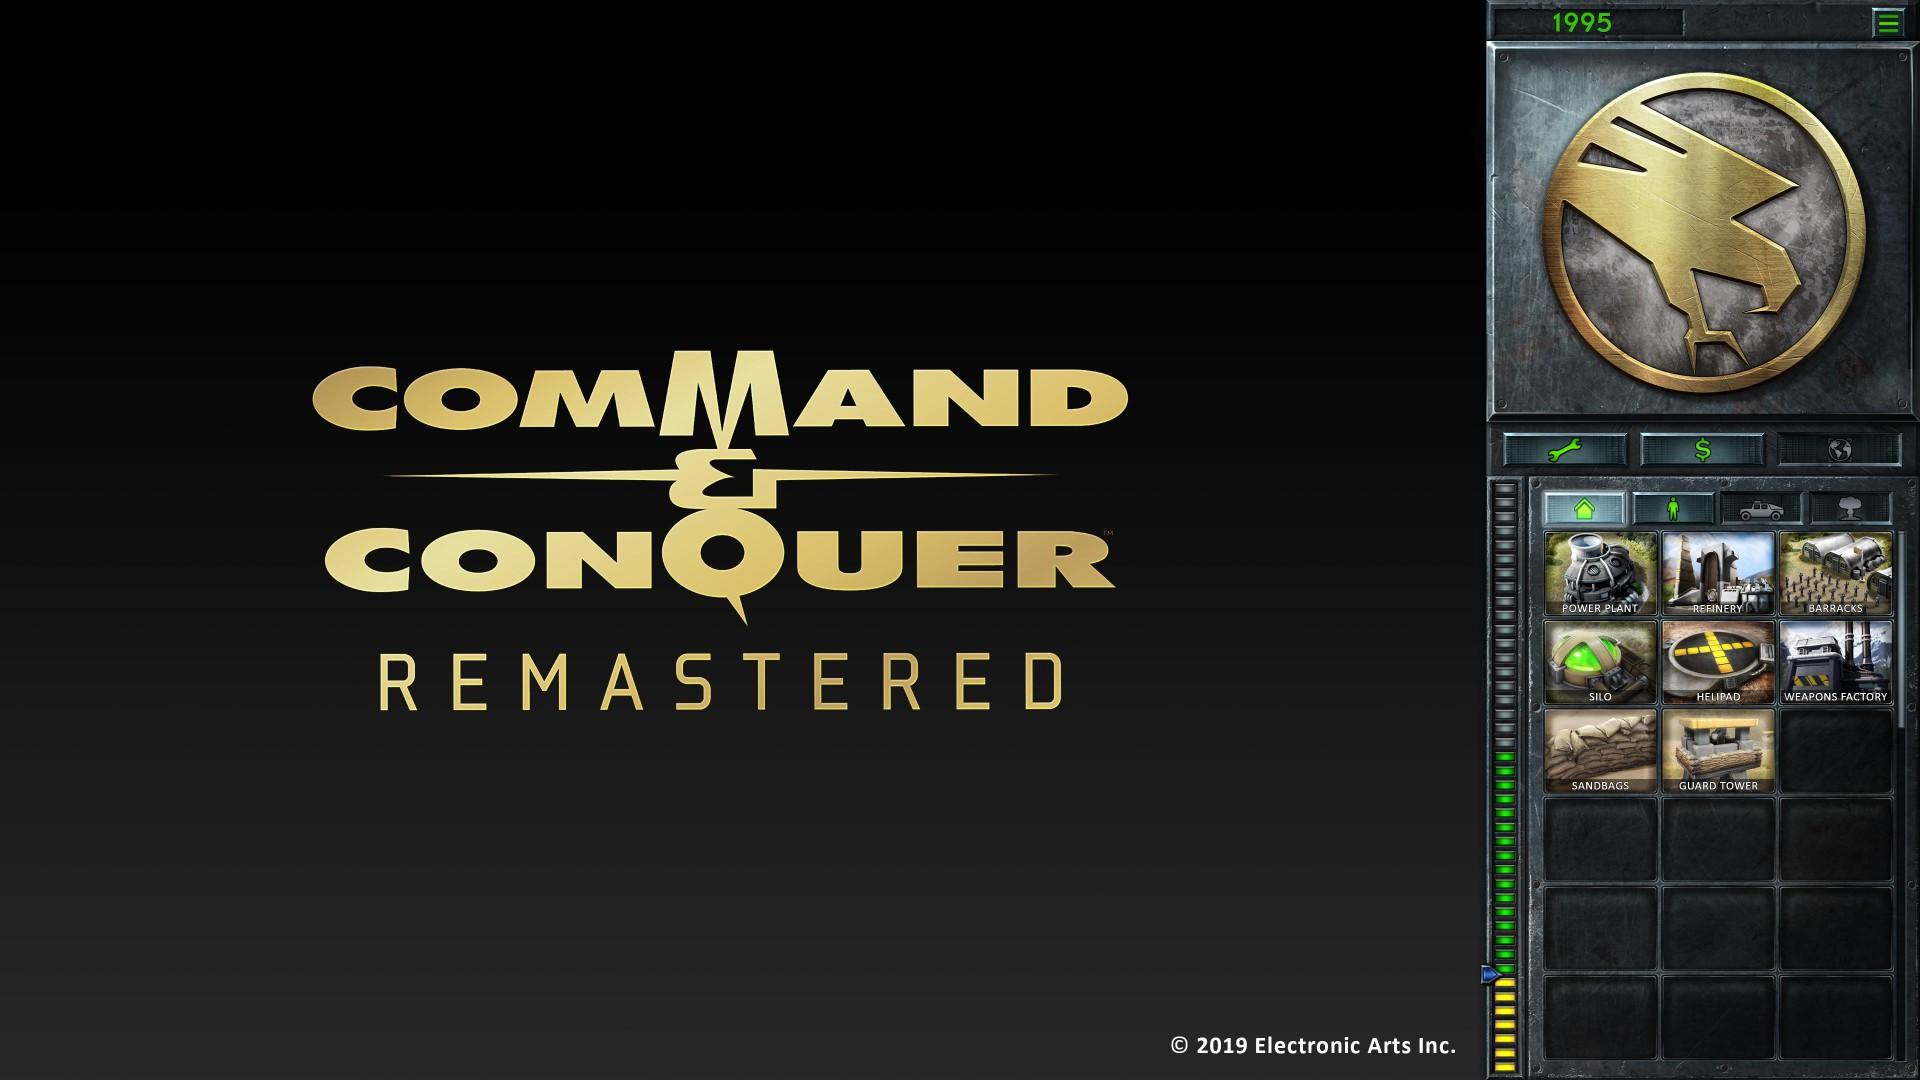 《命令與征服:重制版》側邊欄UI截圖 更清晰直觀